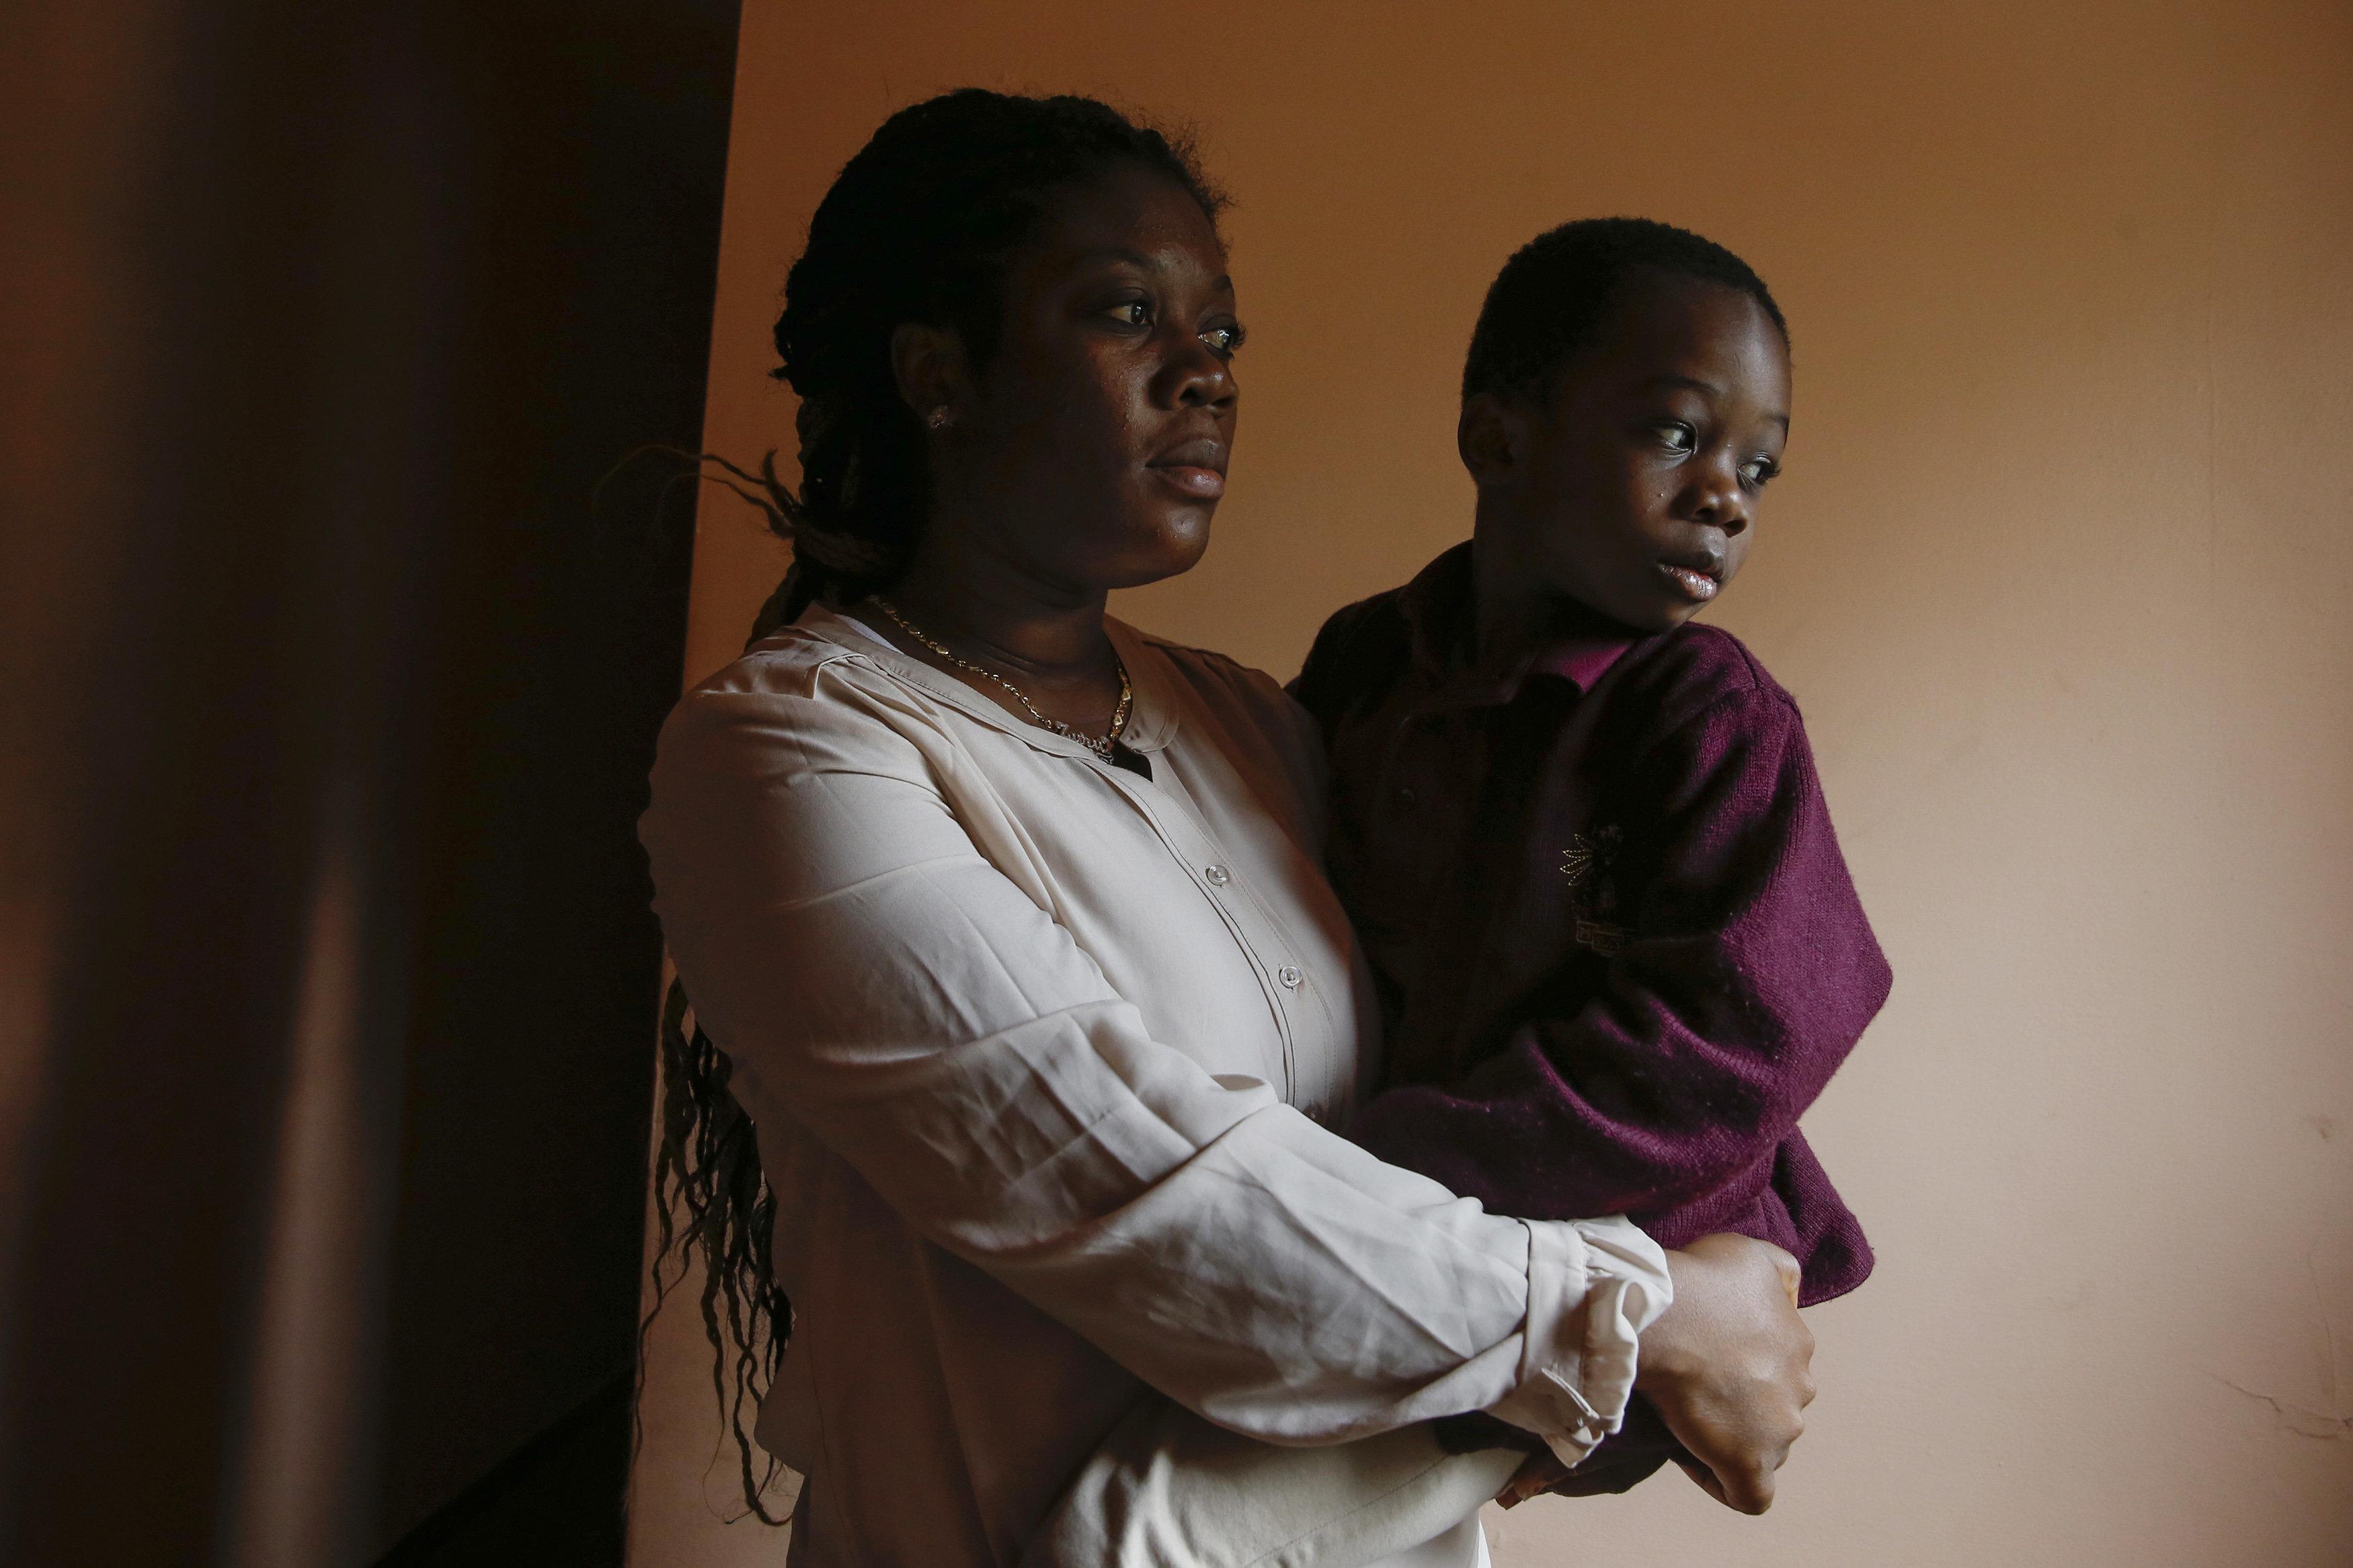 Warum die größten Probleme der Menschheit nur Mütter lösen